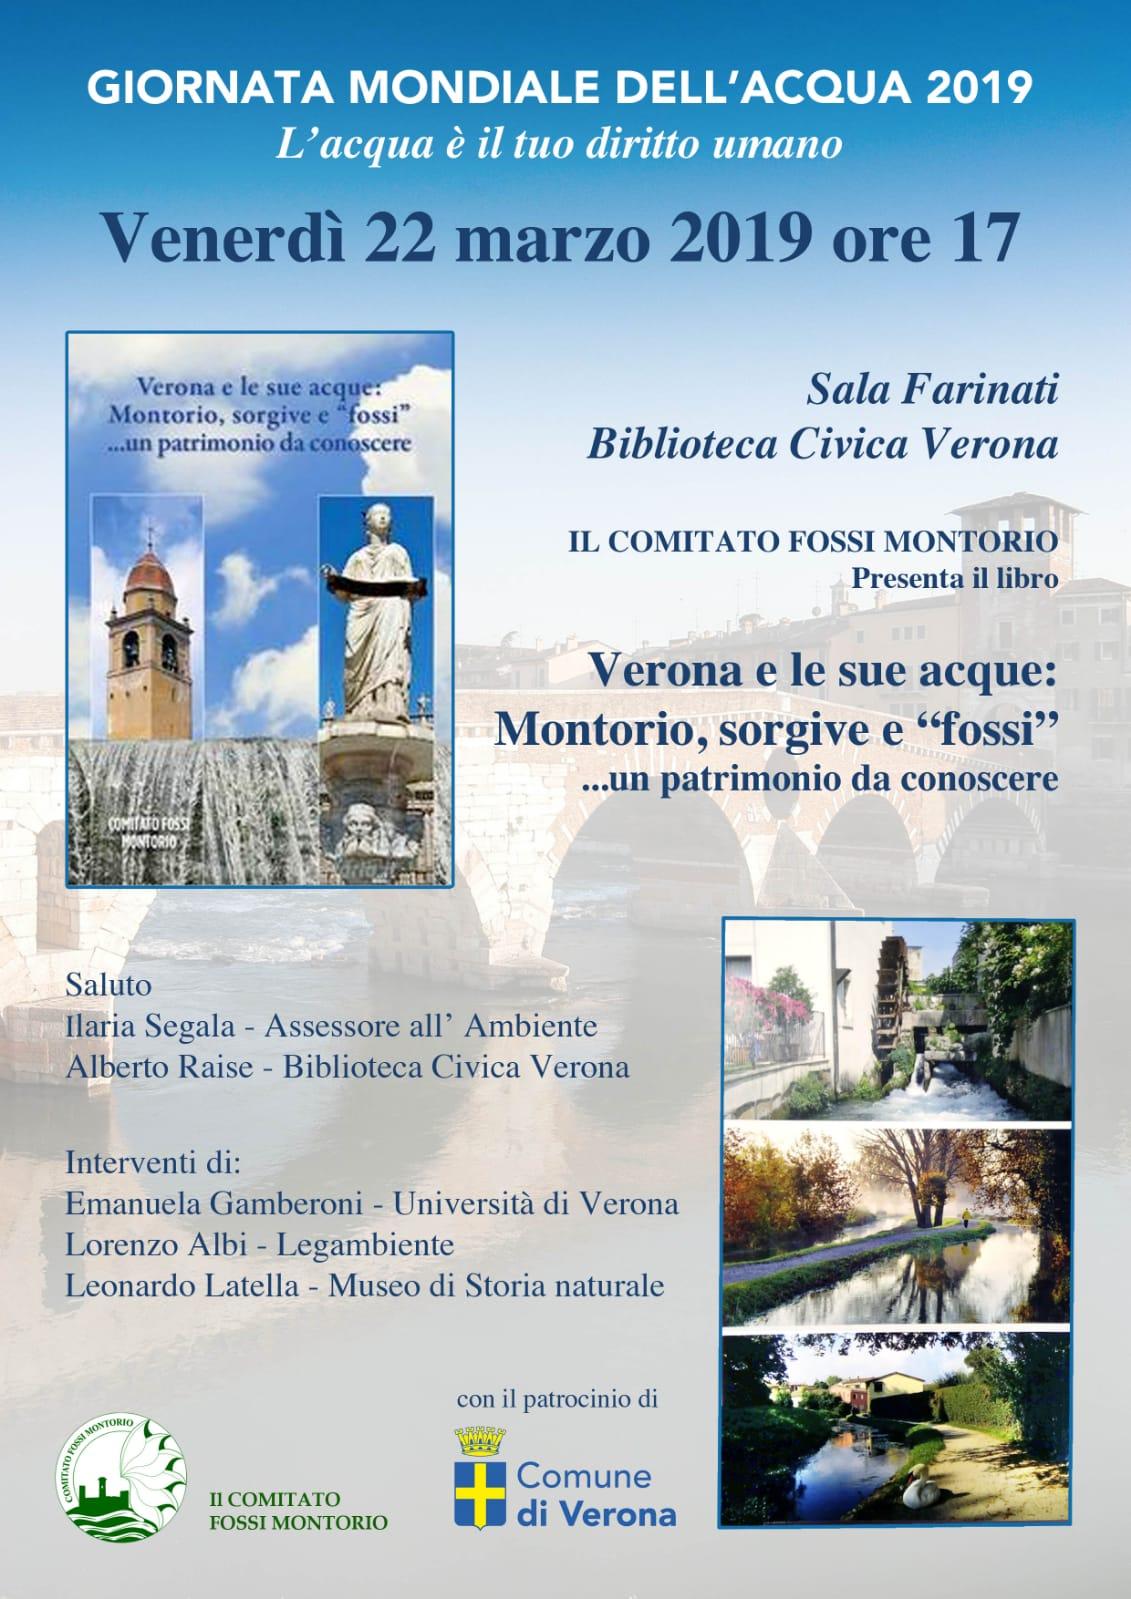 Presentazione libro - Comitato Fossi Montorio @ Sala Farinati - Biblioteca Civica Verona | Verona | Veneto | Italia